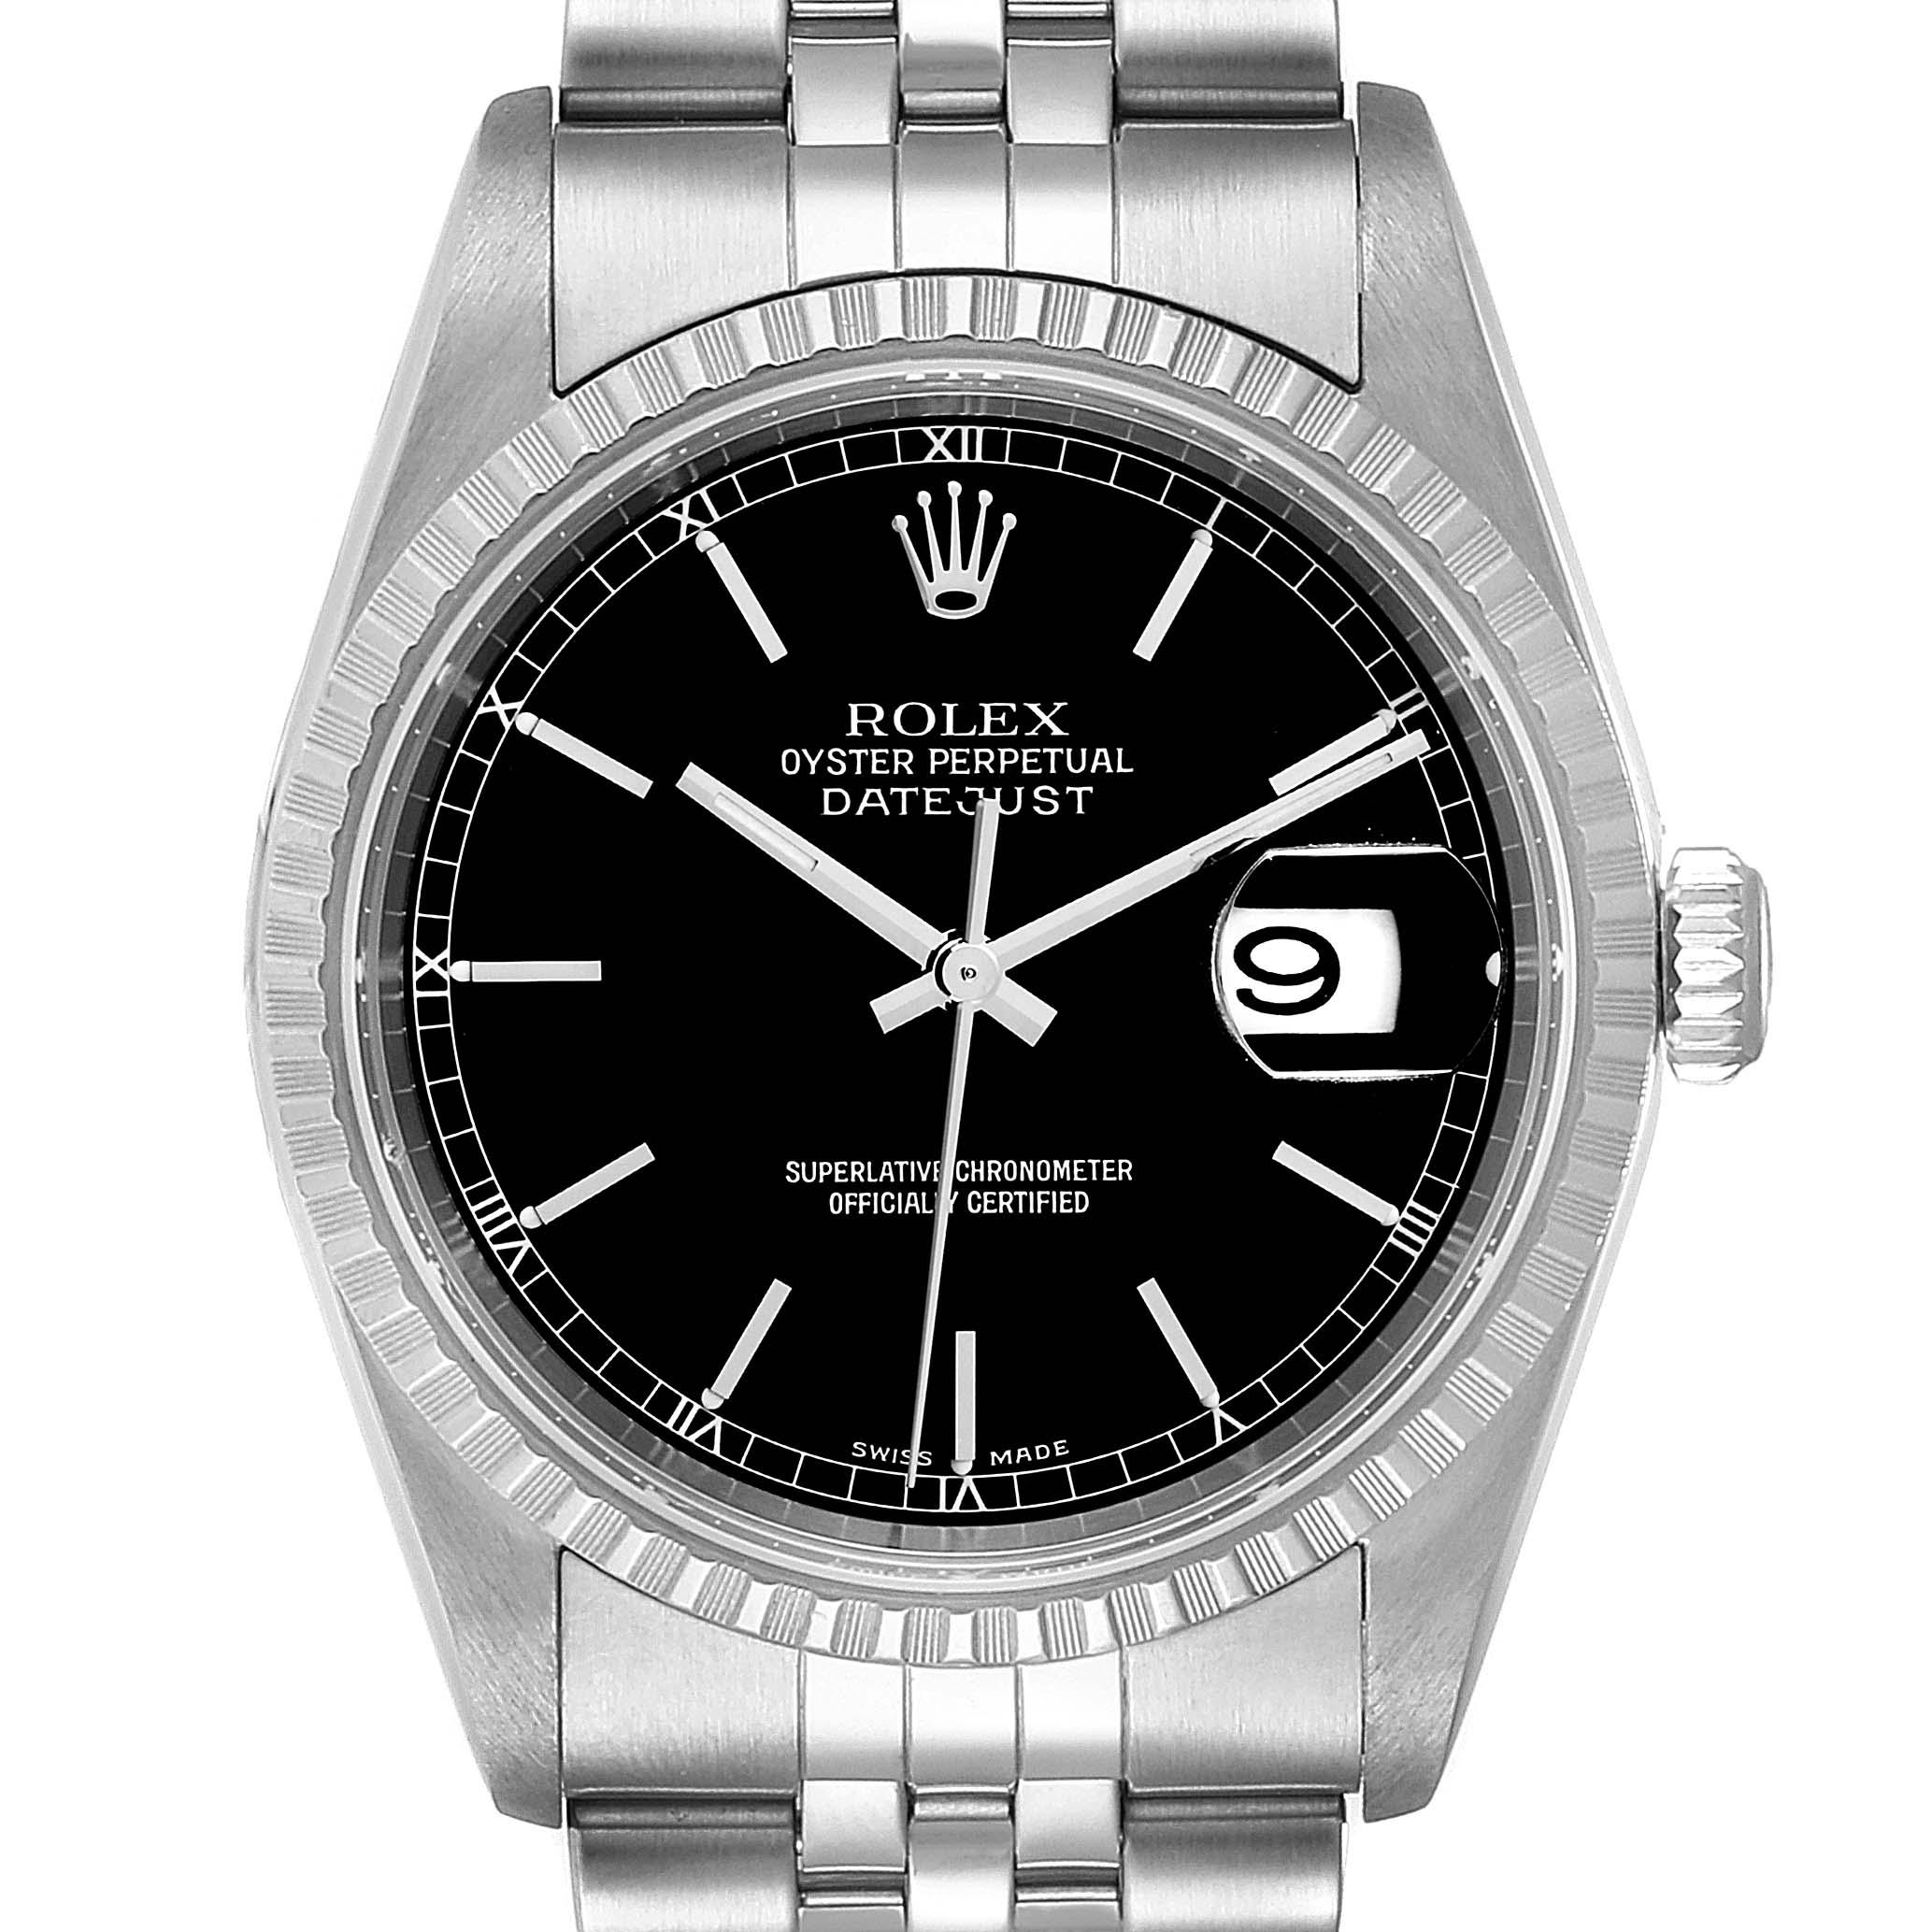 Rolex Datejust 36mm Black Dial Jubilee Bracelet Steel Mens Watch 16220